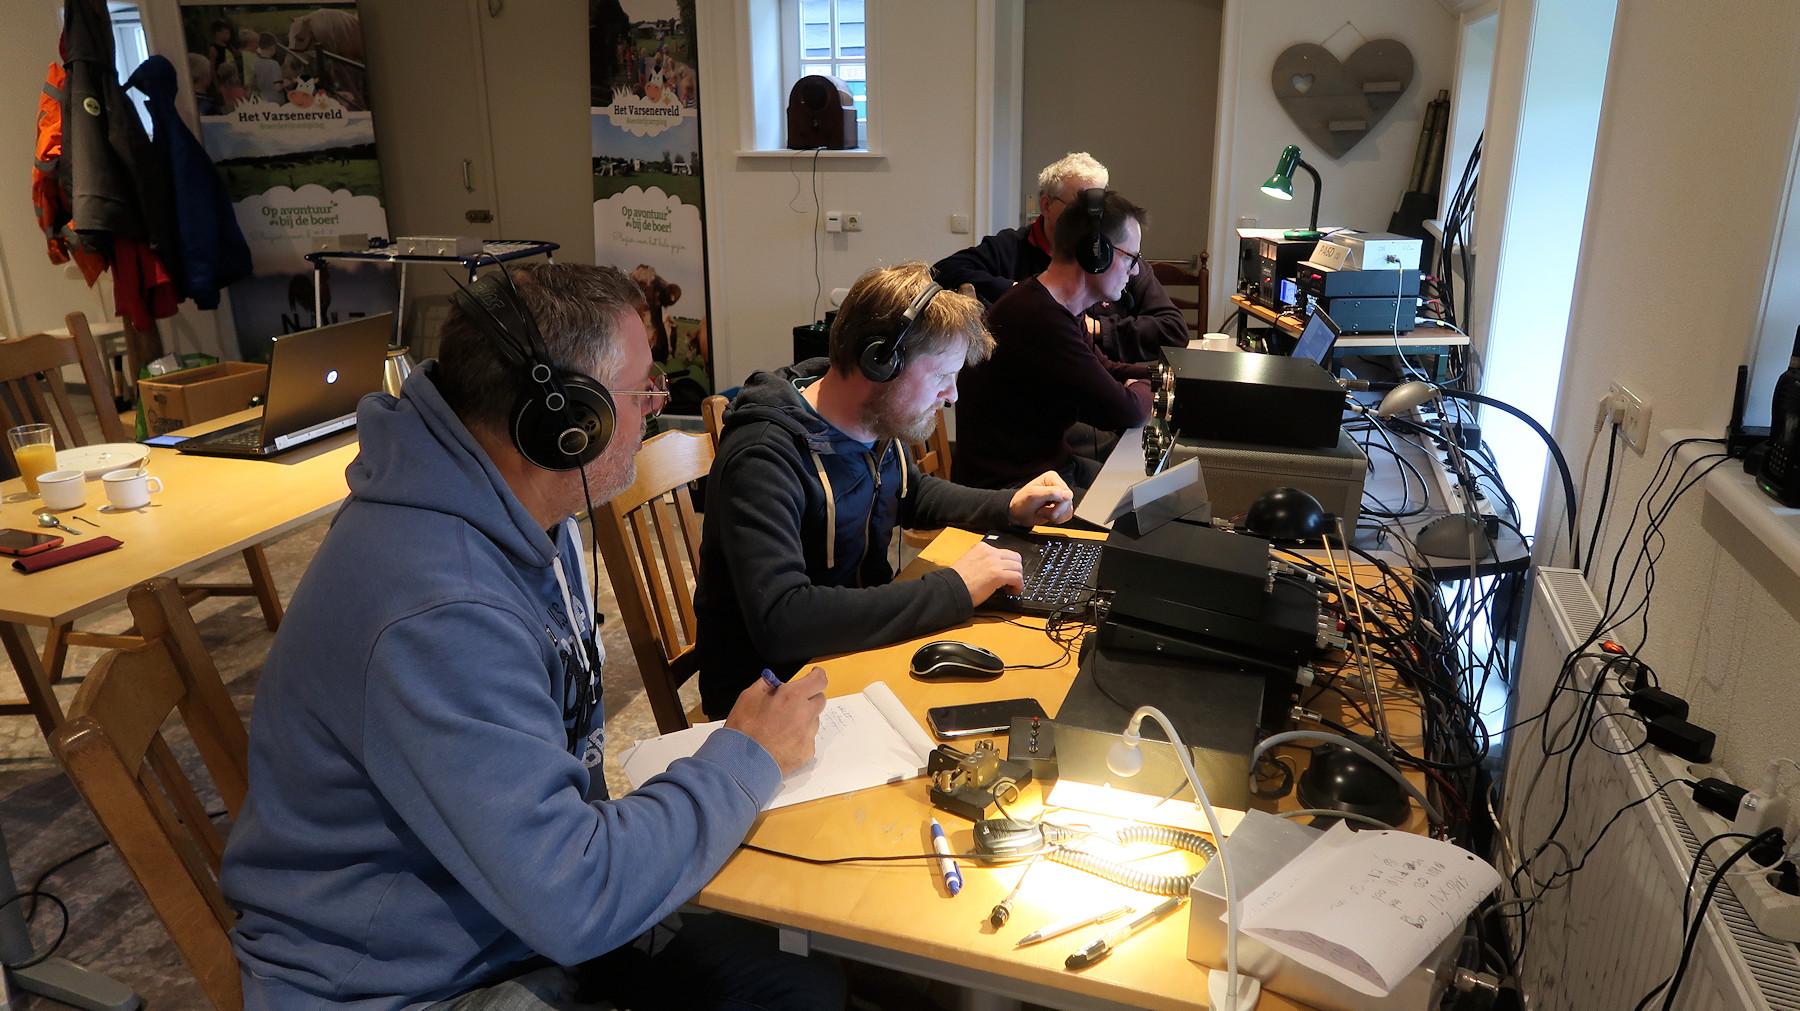 Hans, Joris, Herman en Joeri aan het werk!